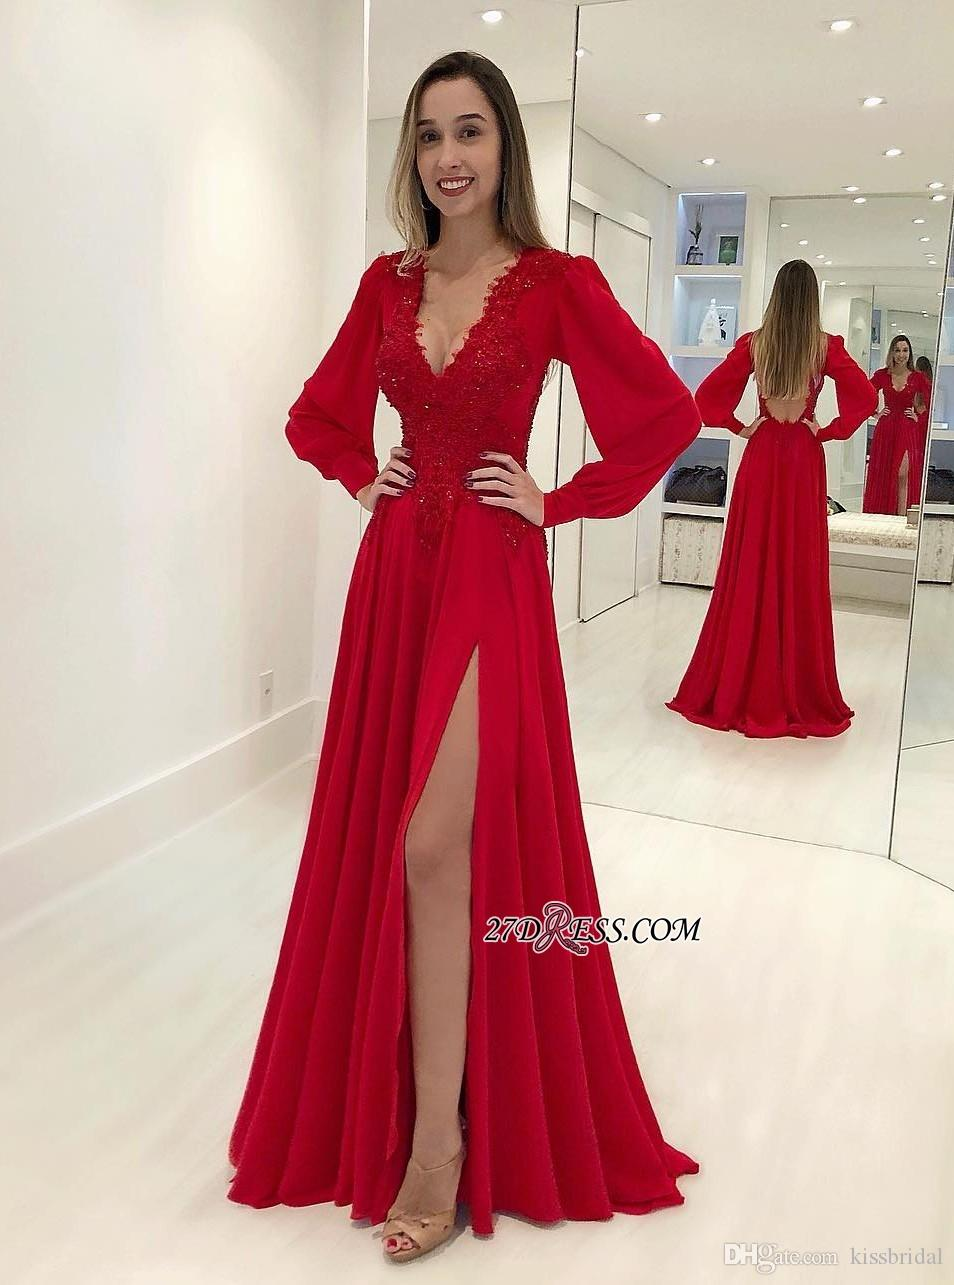 Großhandel Robes De Soiree Rot Ballkleider Langarm Split Abendkleider  Backless Cocktail Party Kleid Spitze Abendkleid Vestidos De Fiesta Von